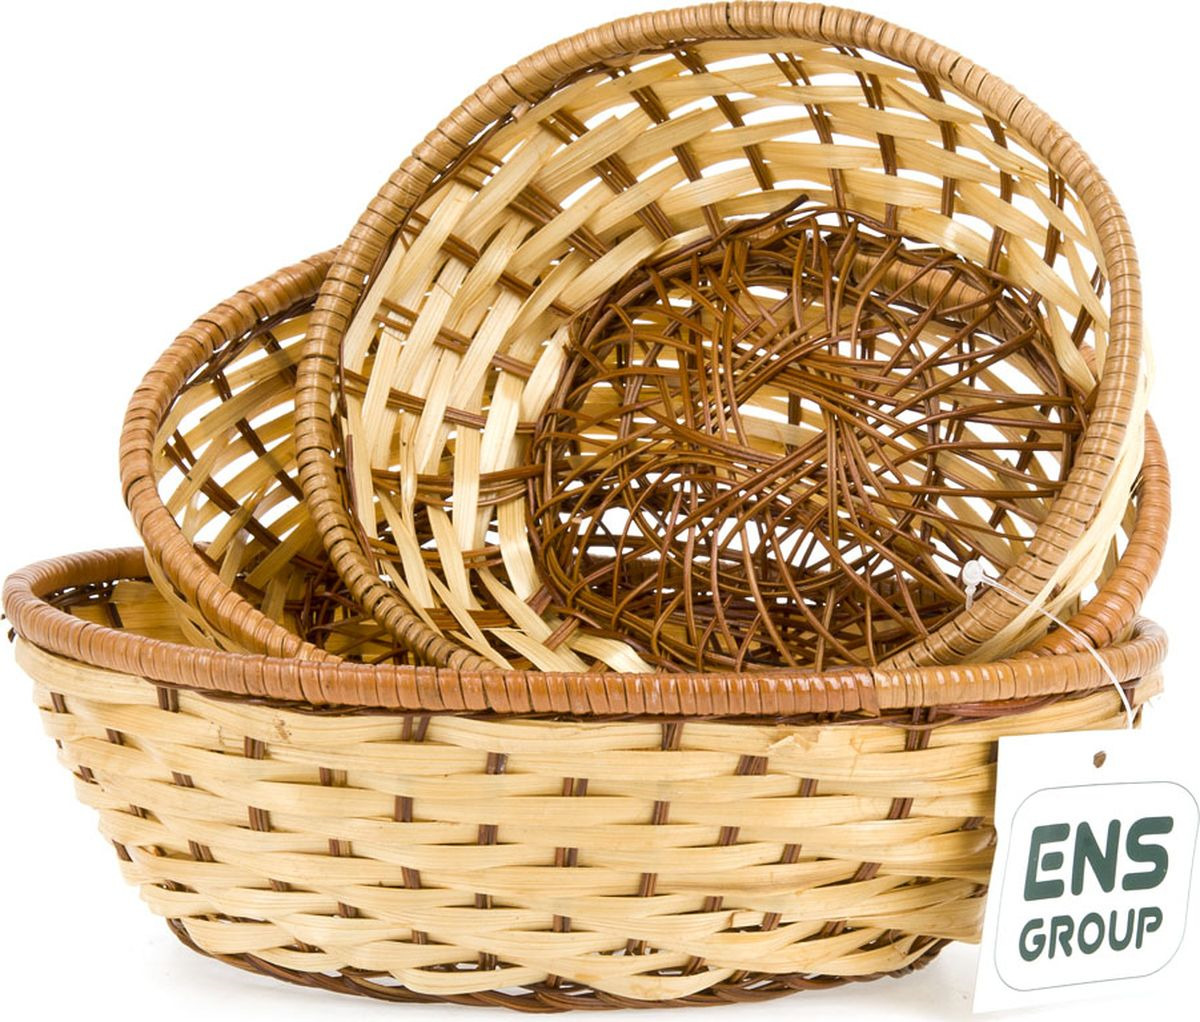 Набор корзинок ENS Group, 7930008, коричневый, 3 шт цены